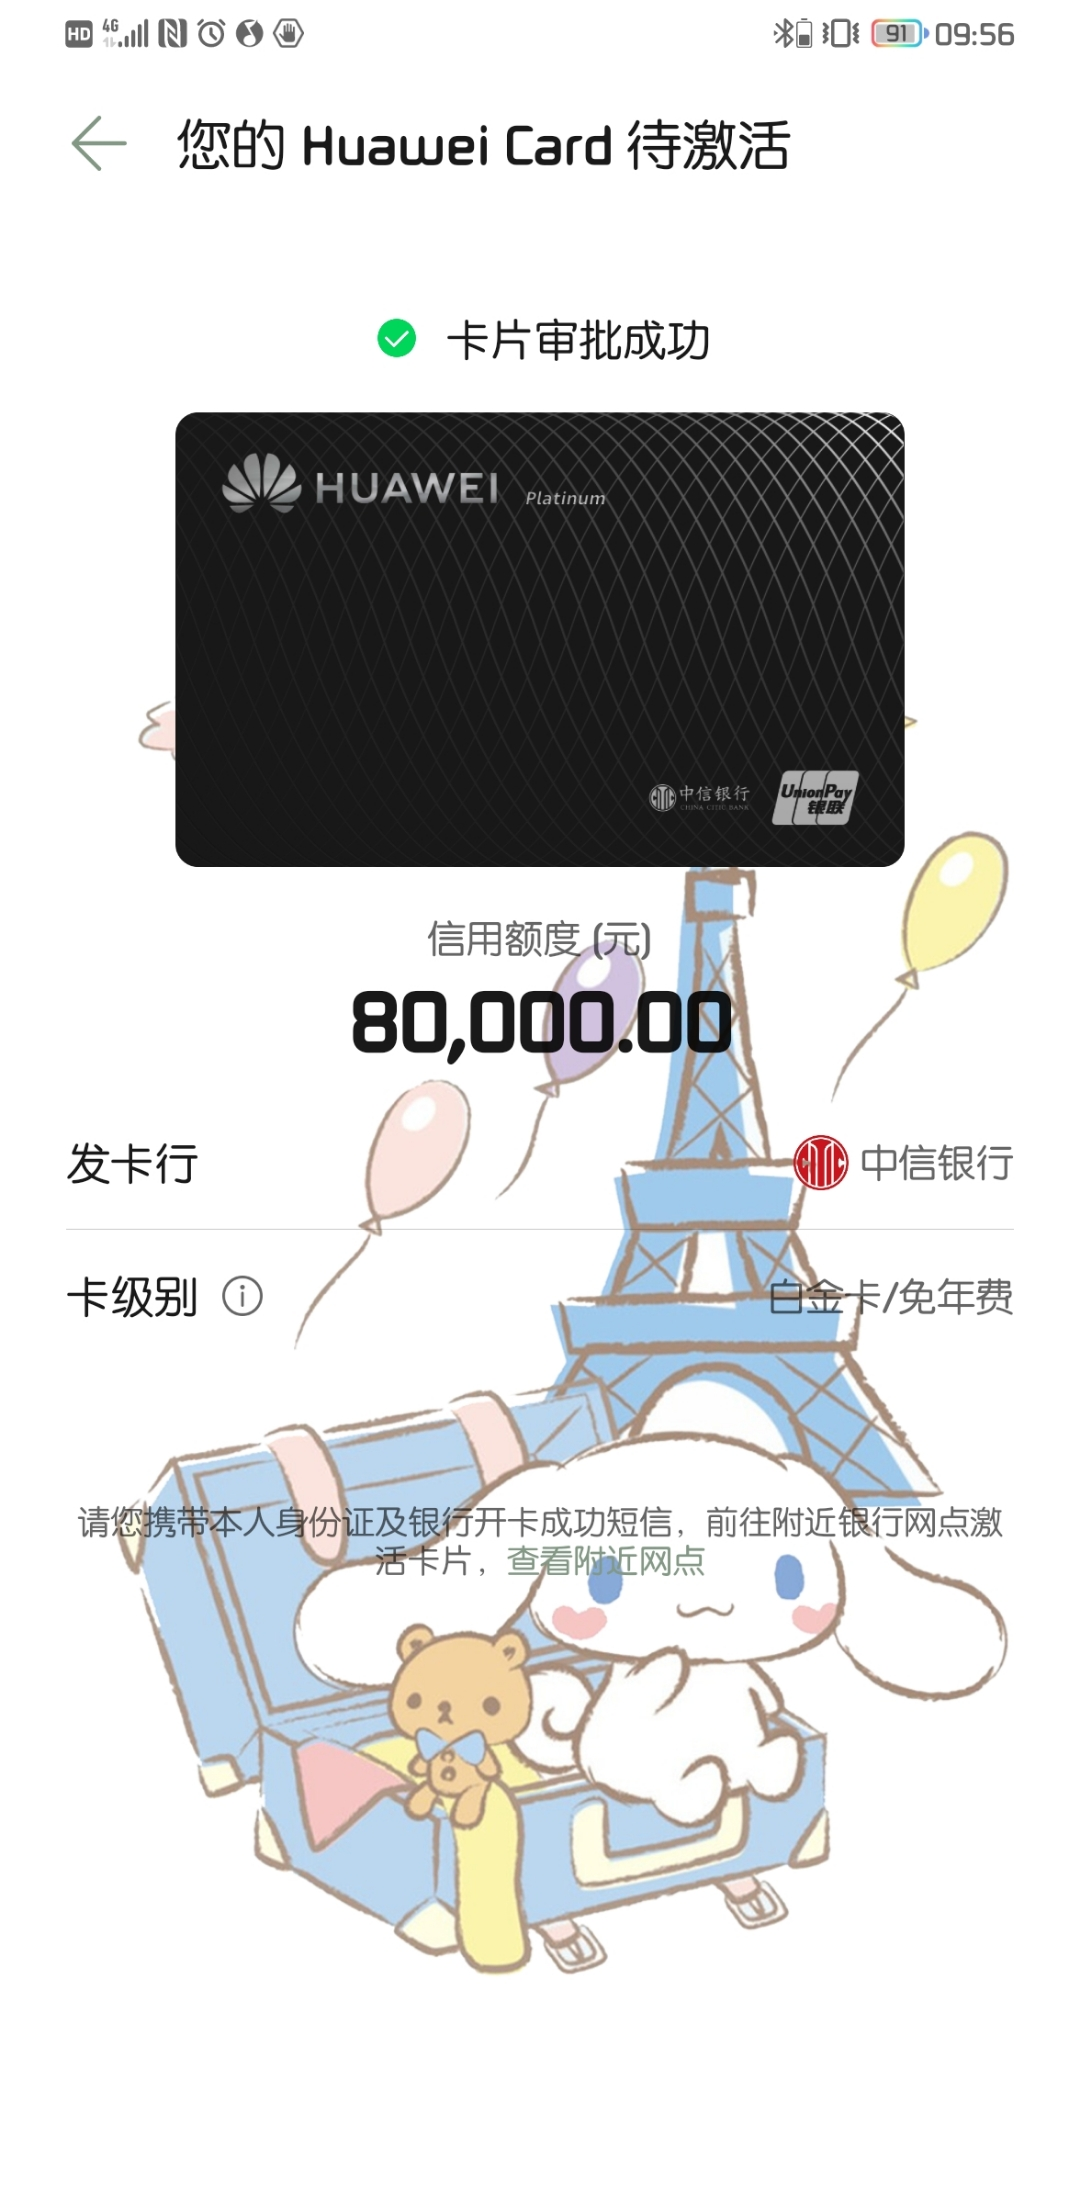 Screenshot_20210112_095643_com.huawei.wallet.jpg